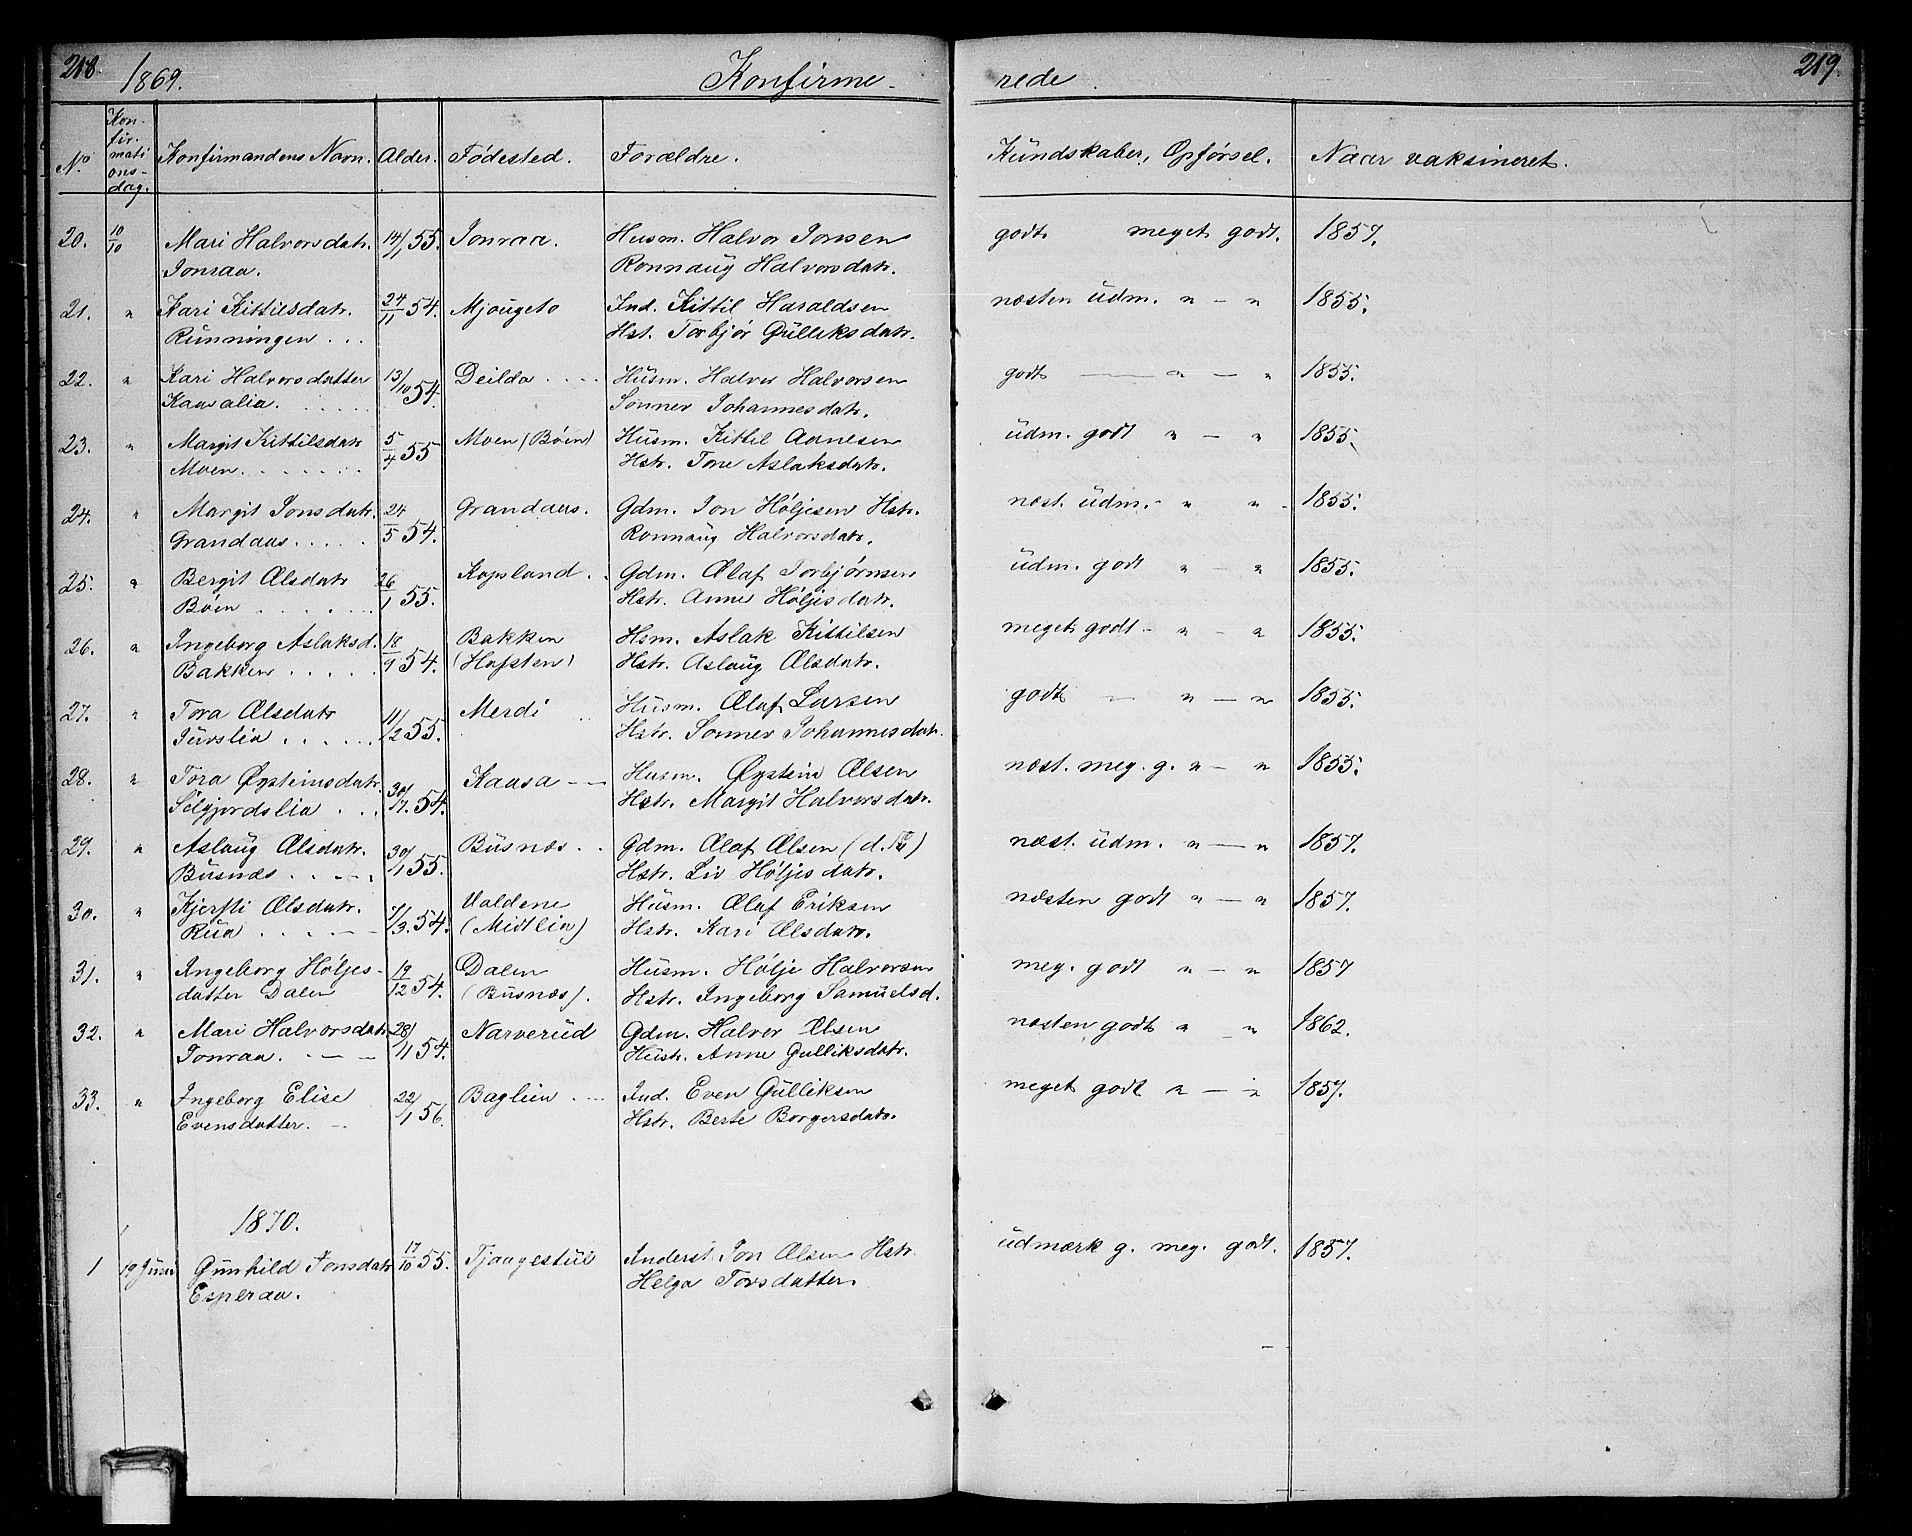 SAKO, Gransherad kirkebøker, G/Ga/L0002: Klokkerbok nr. I 2, 1854-1886, s. 218-219